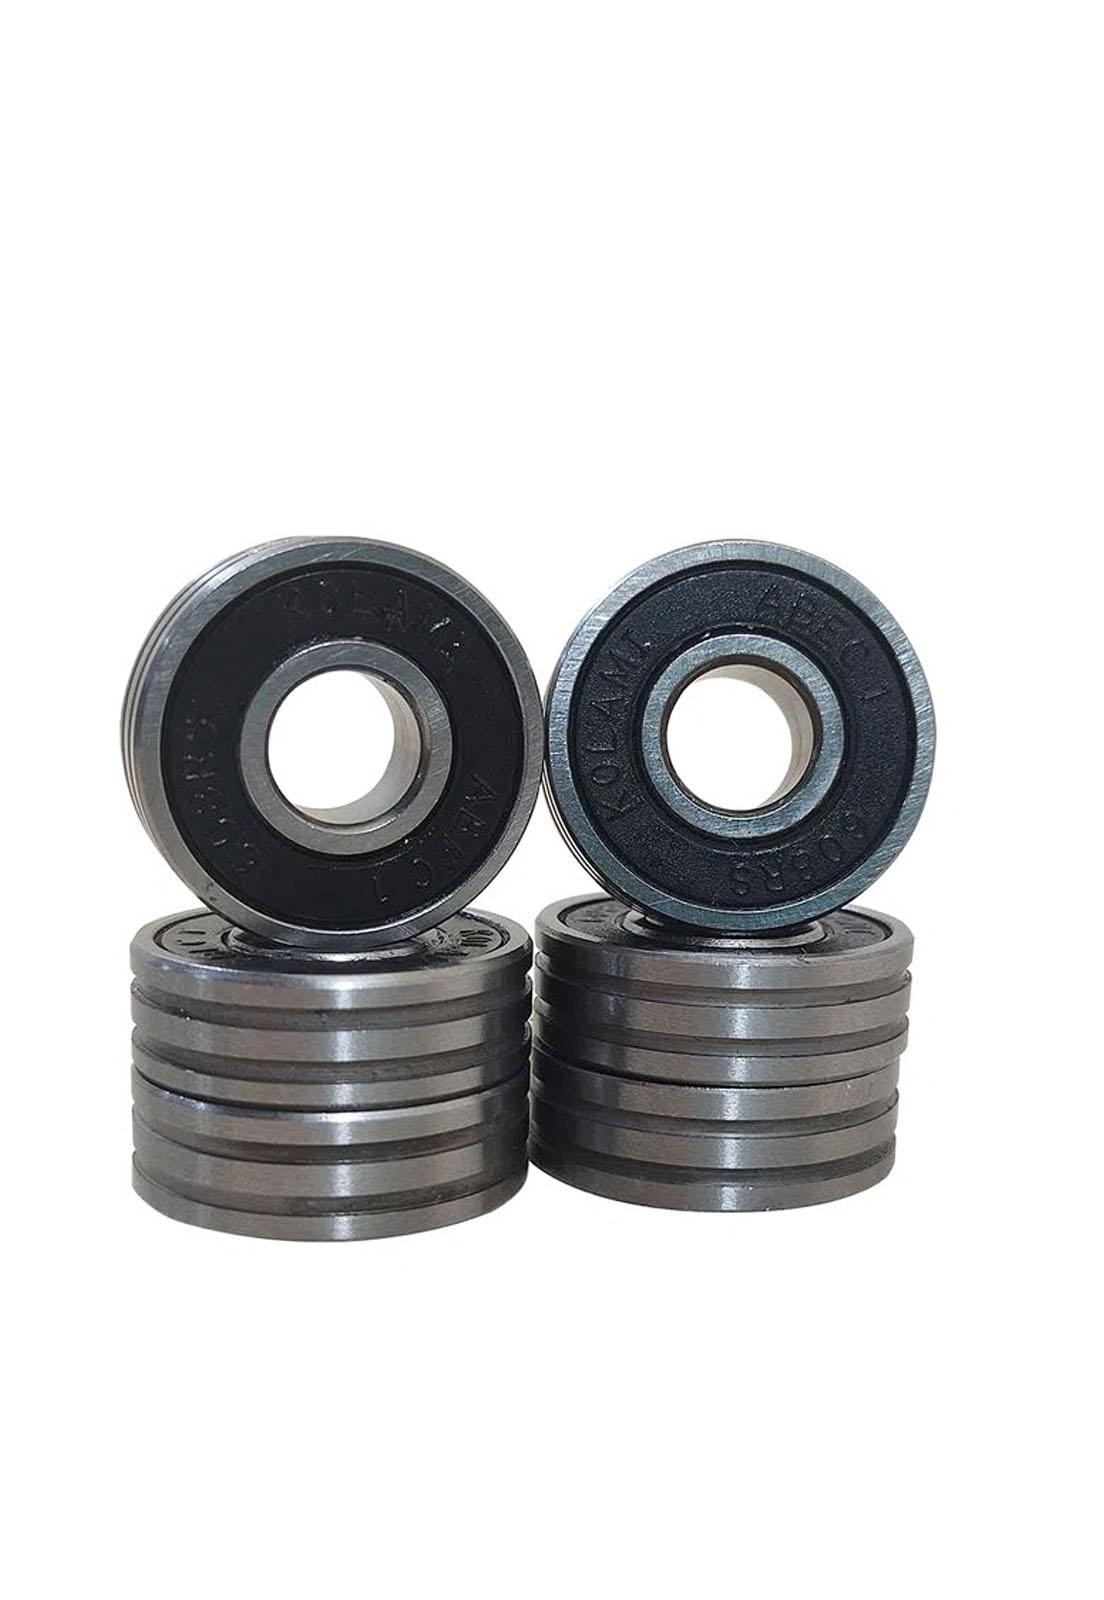 Rolamento 608 rs Kolami Abec 1 Kit Com 20 Pçs 8x22x7